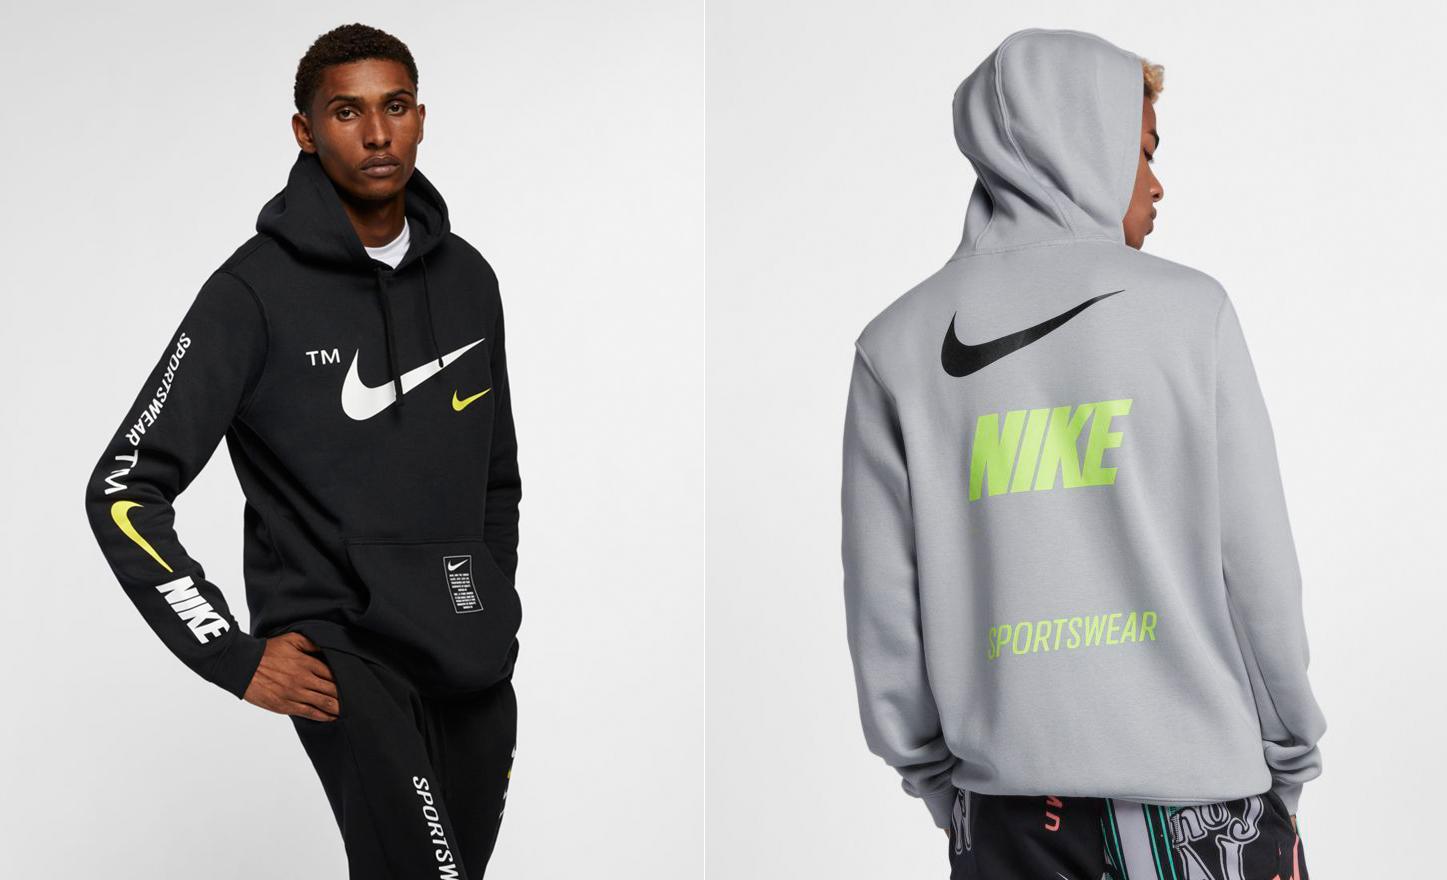 Nike Air Force 1 pullover sweatshirt